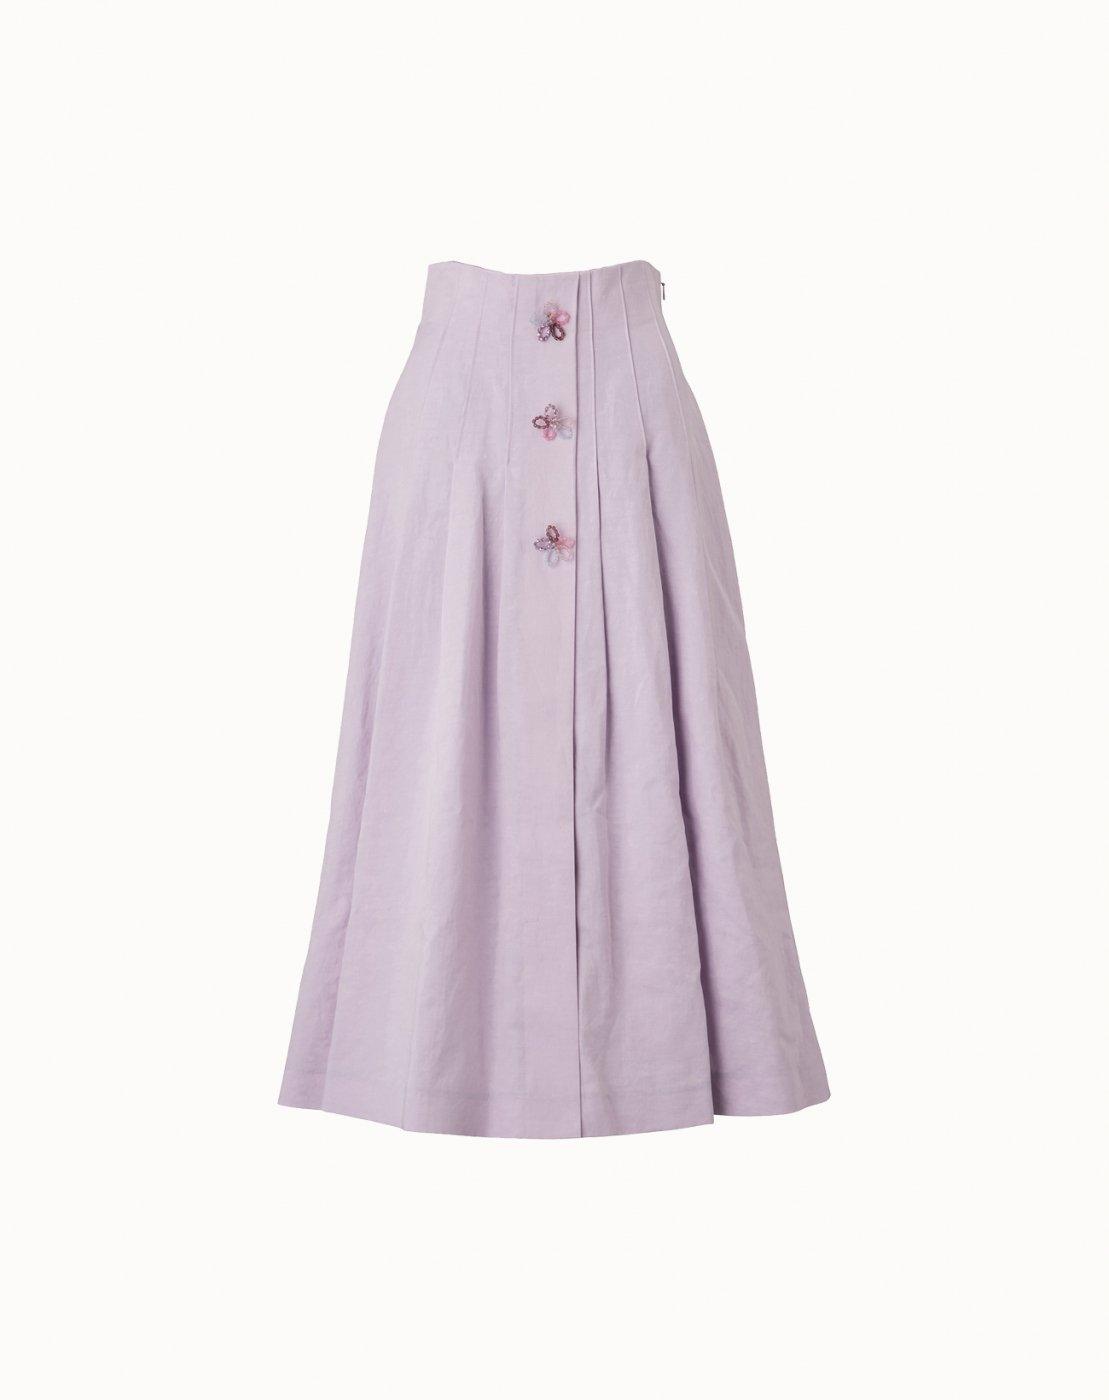 leur logette - Couture Linen Skirt - Lavender